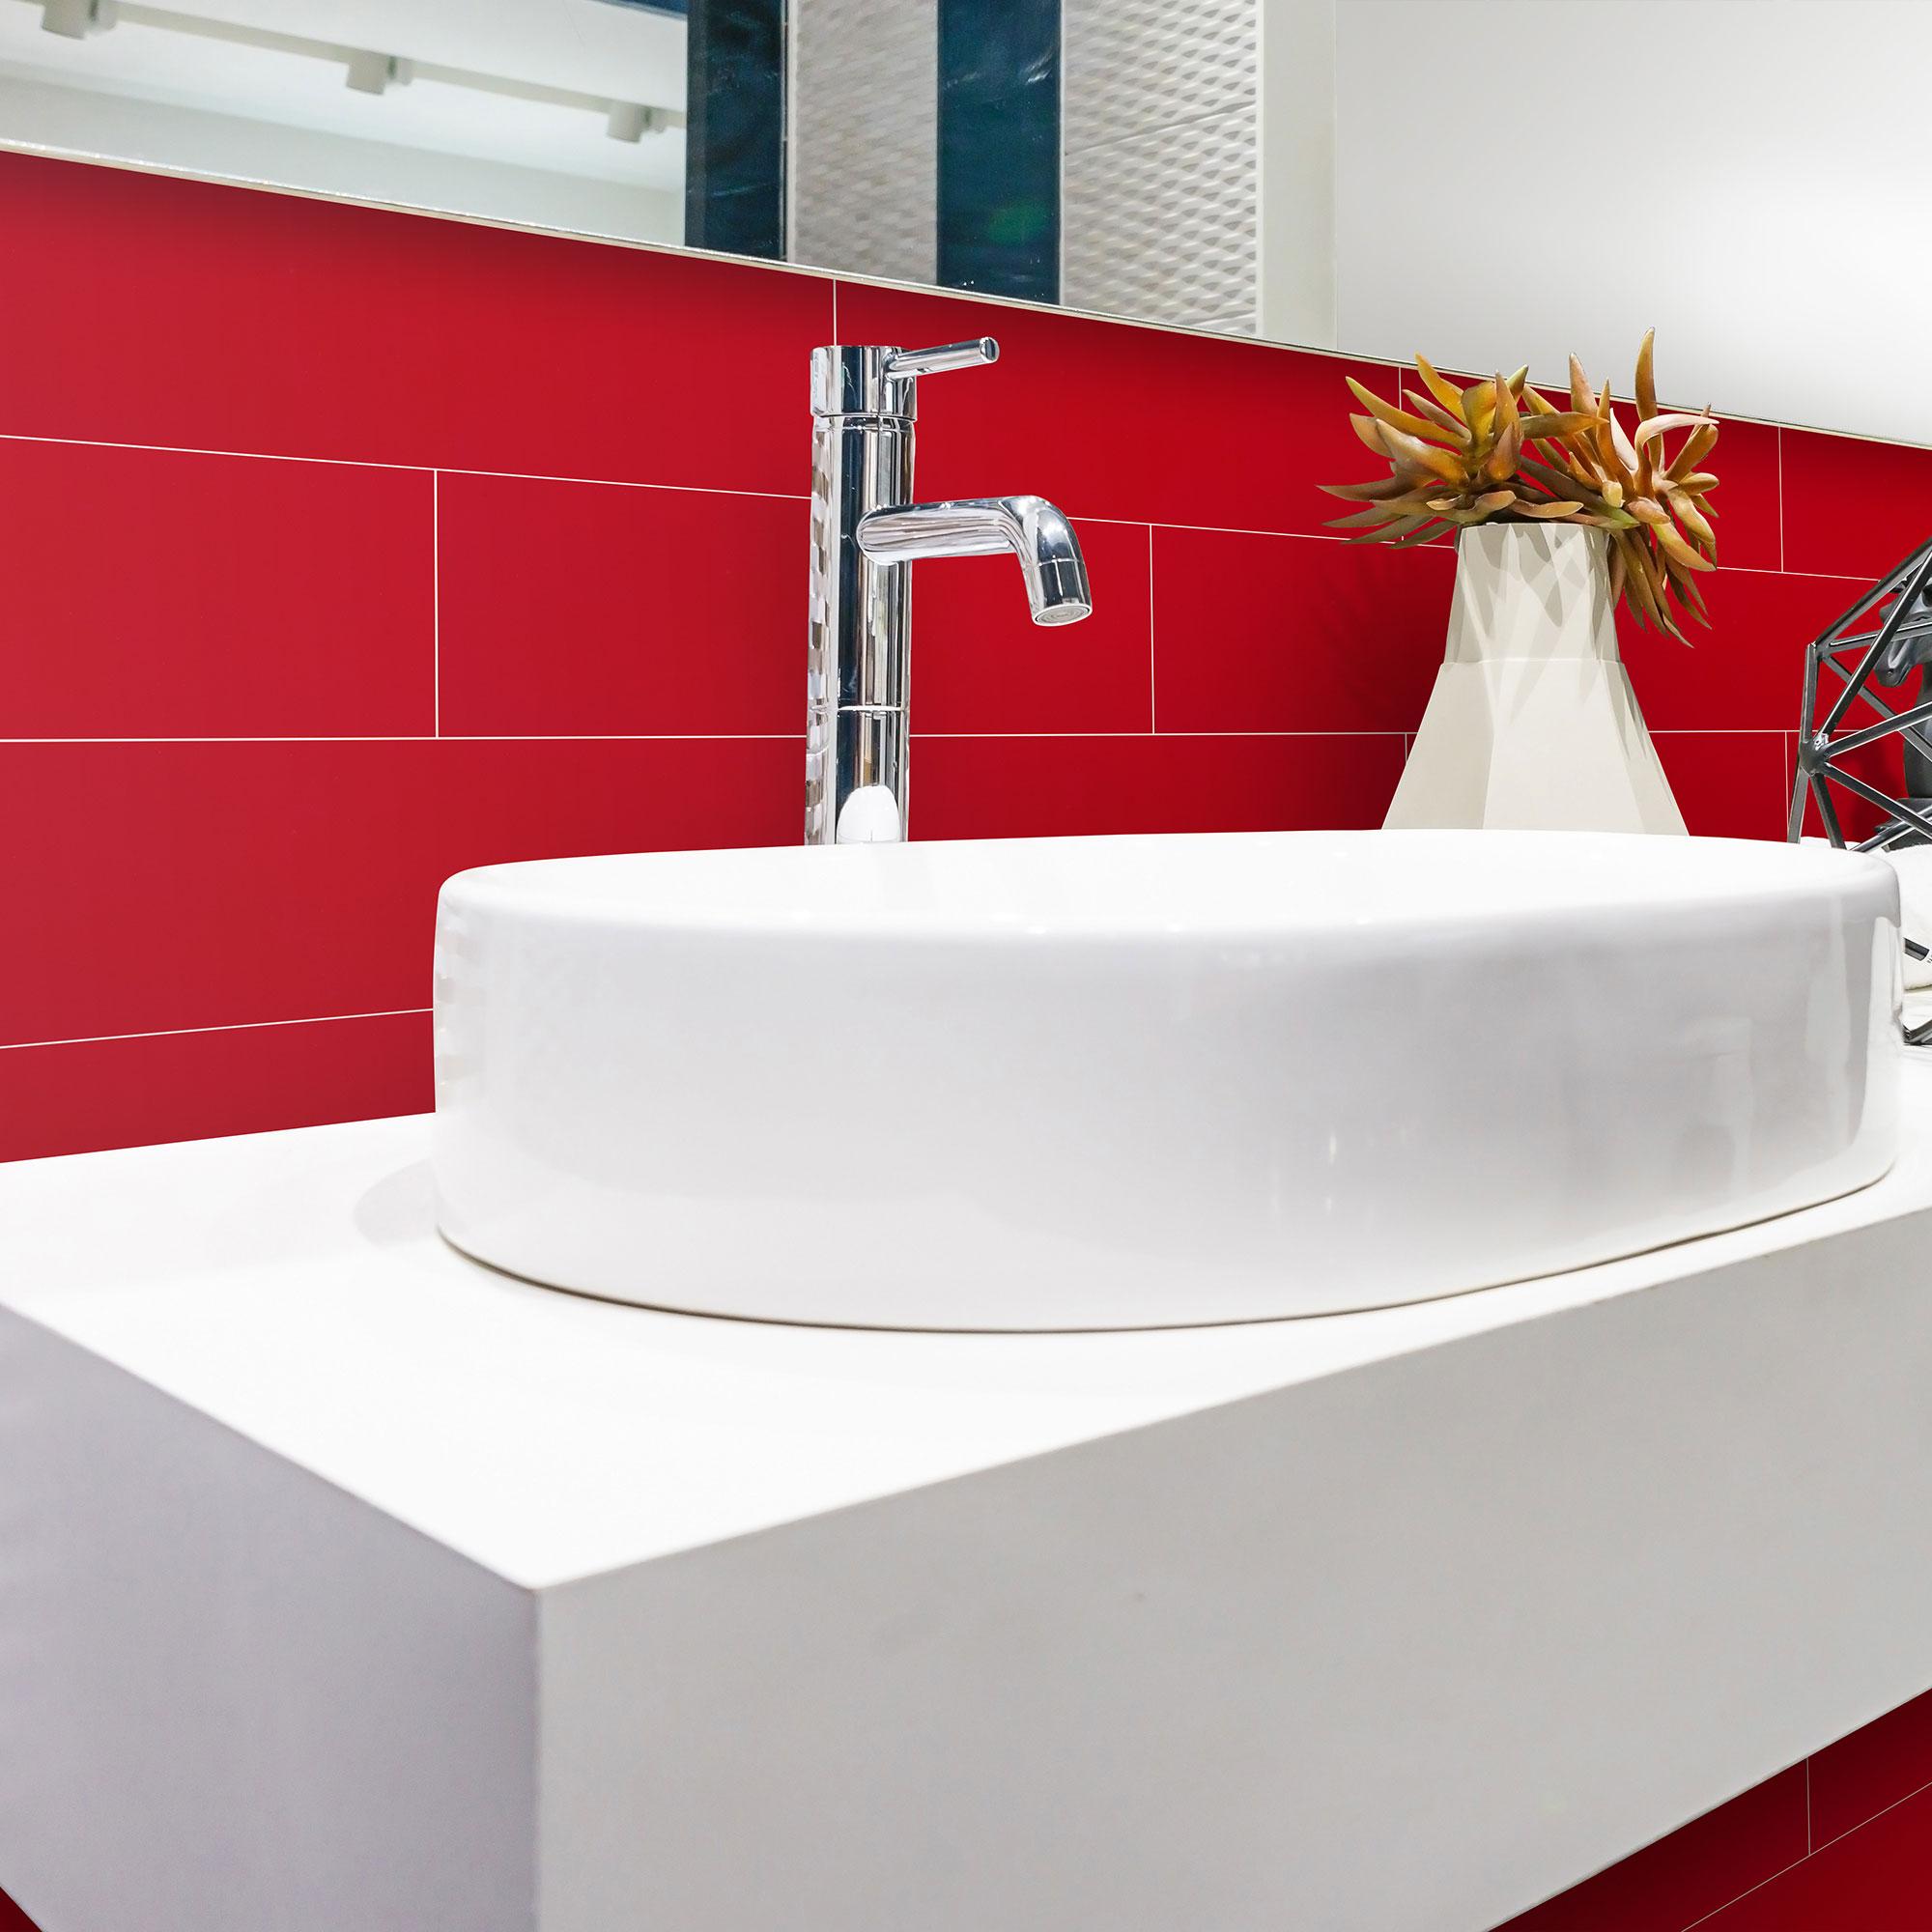 Kakel Arredo Color Rojo Blank 10×30 cm